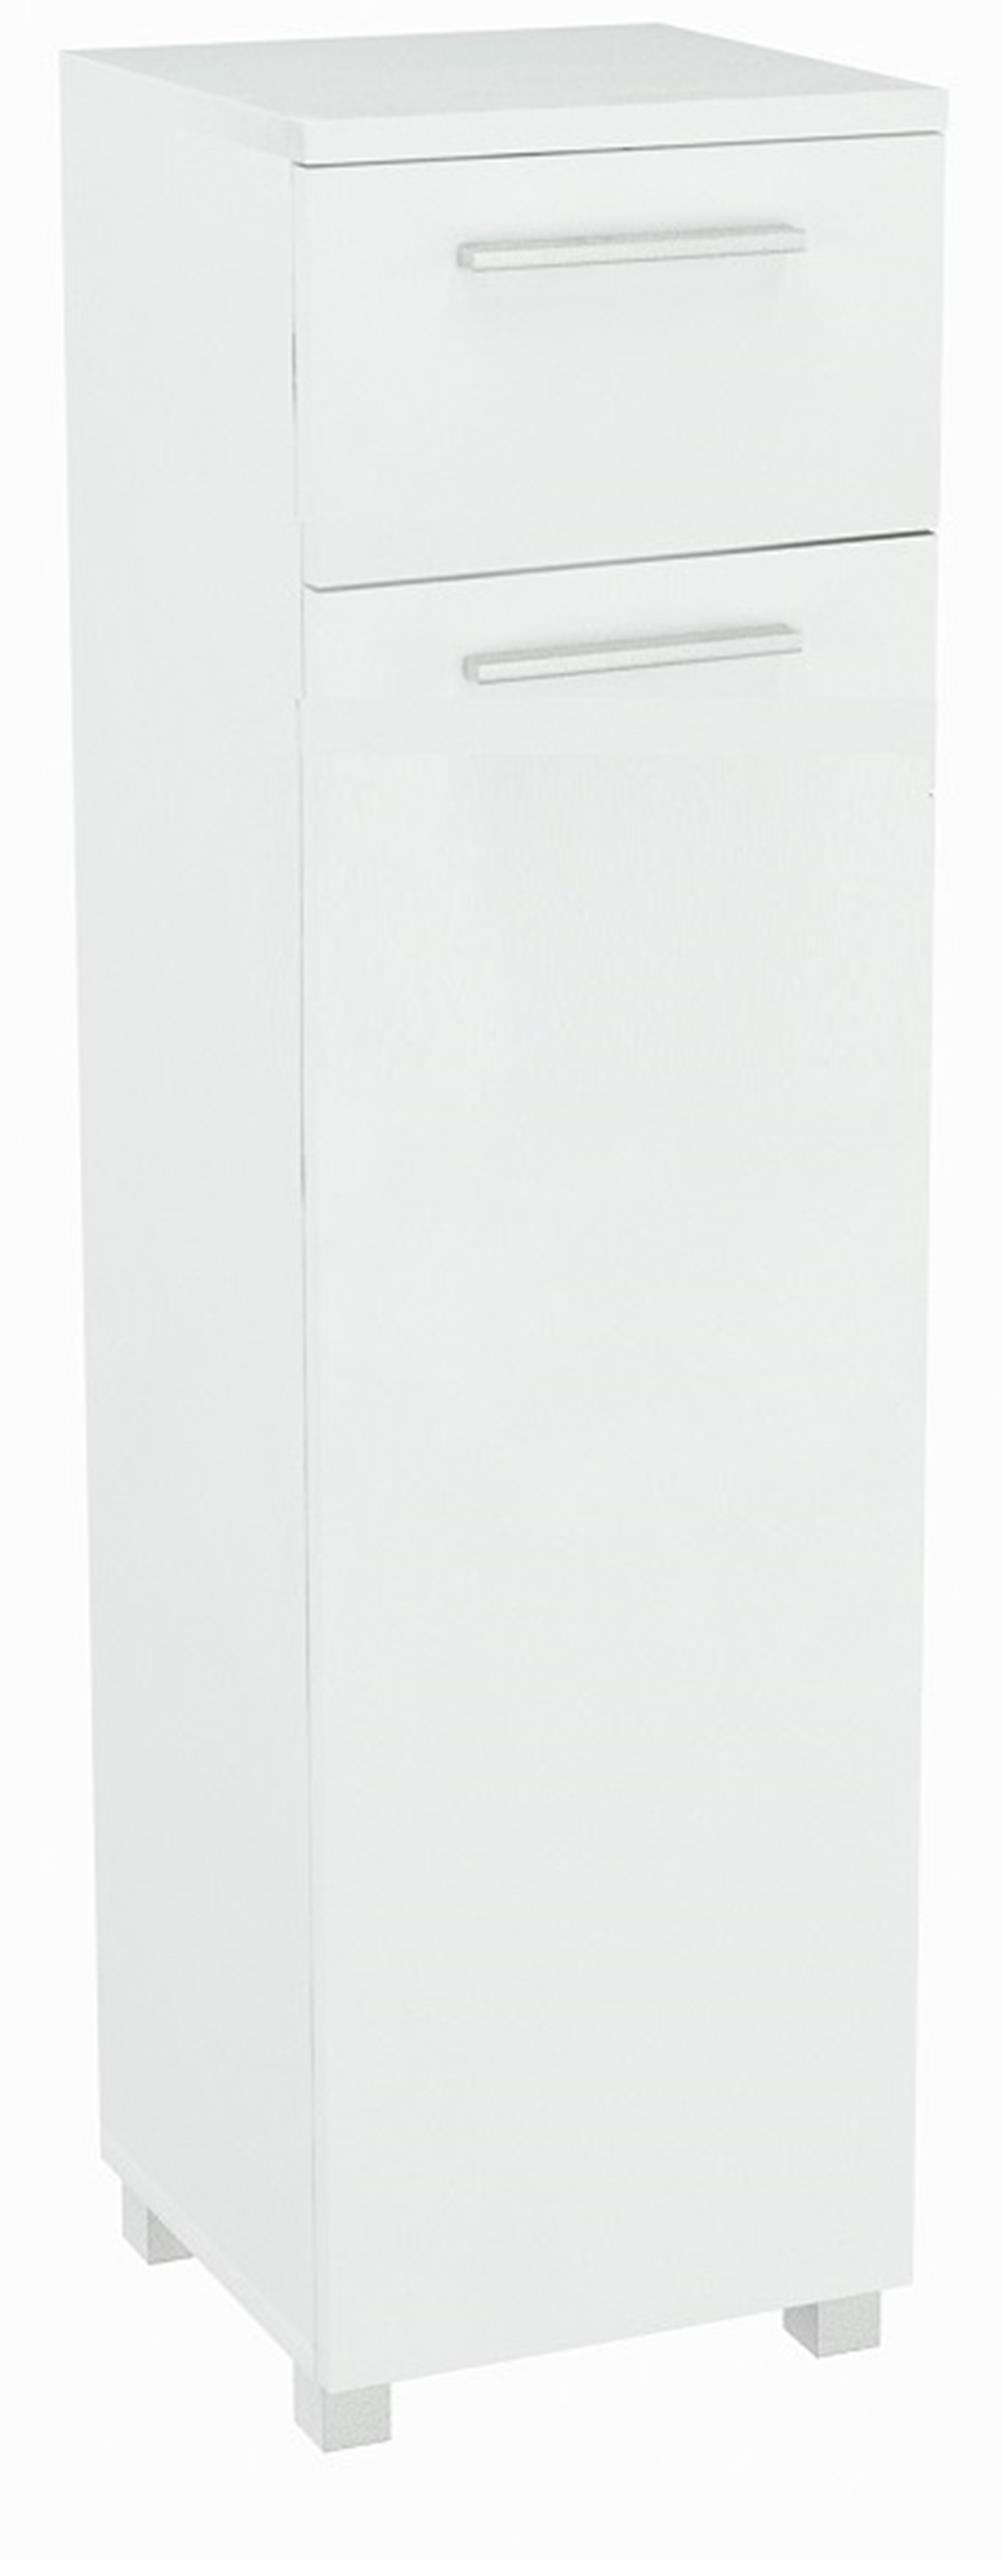 Stojan pre kúpeľ 1D1SZ1K s kôš BIELY toaletný stolík